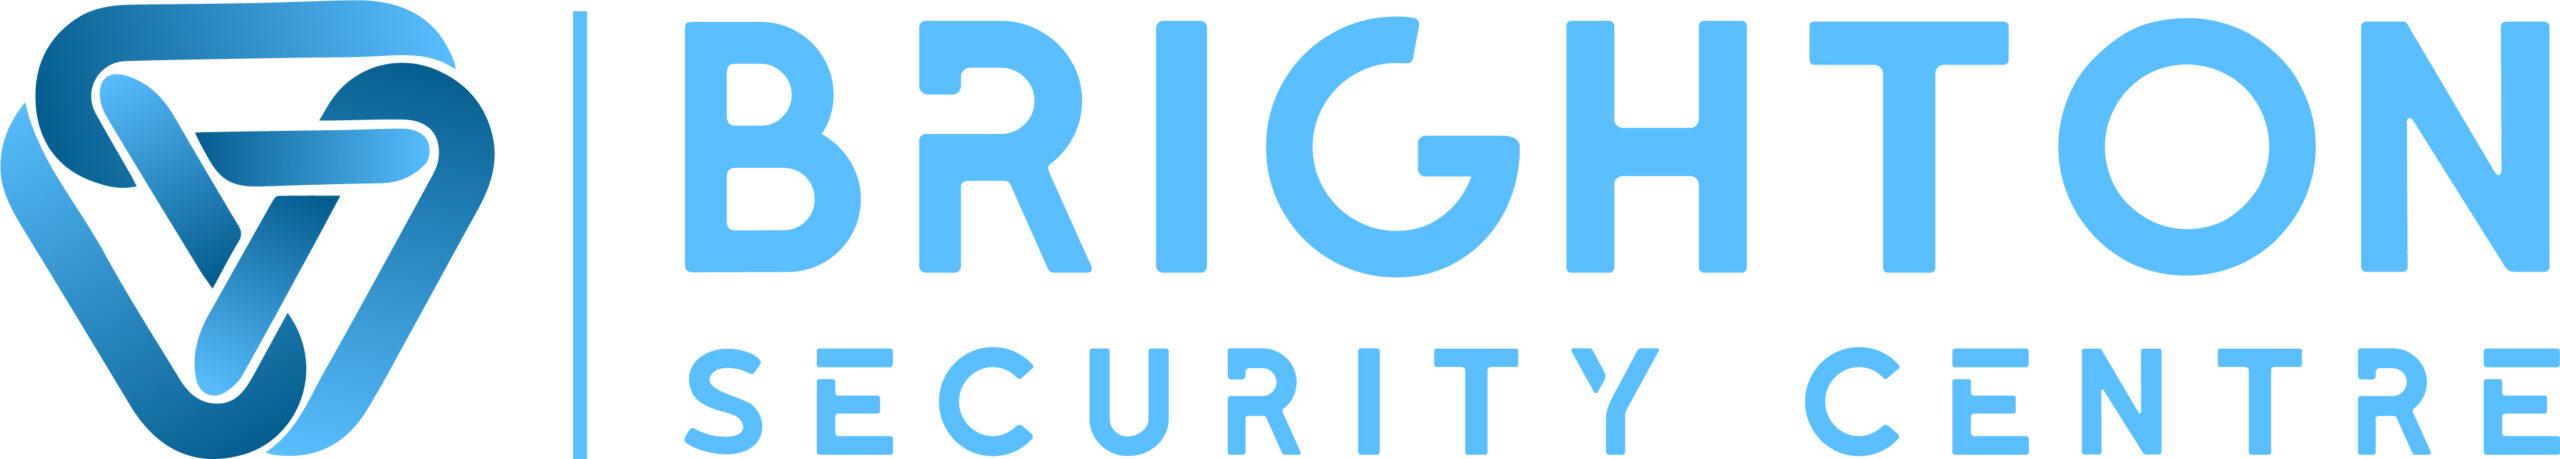 Brighton Security Centre